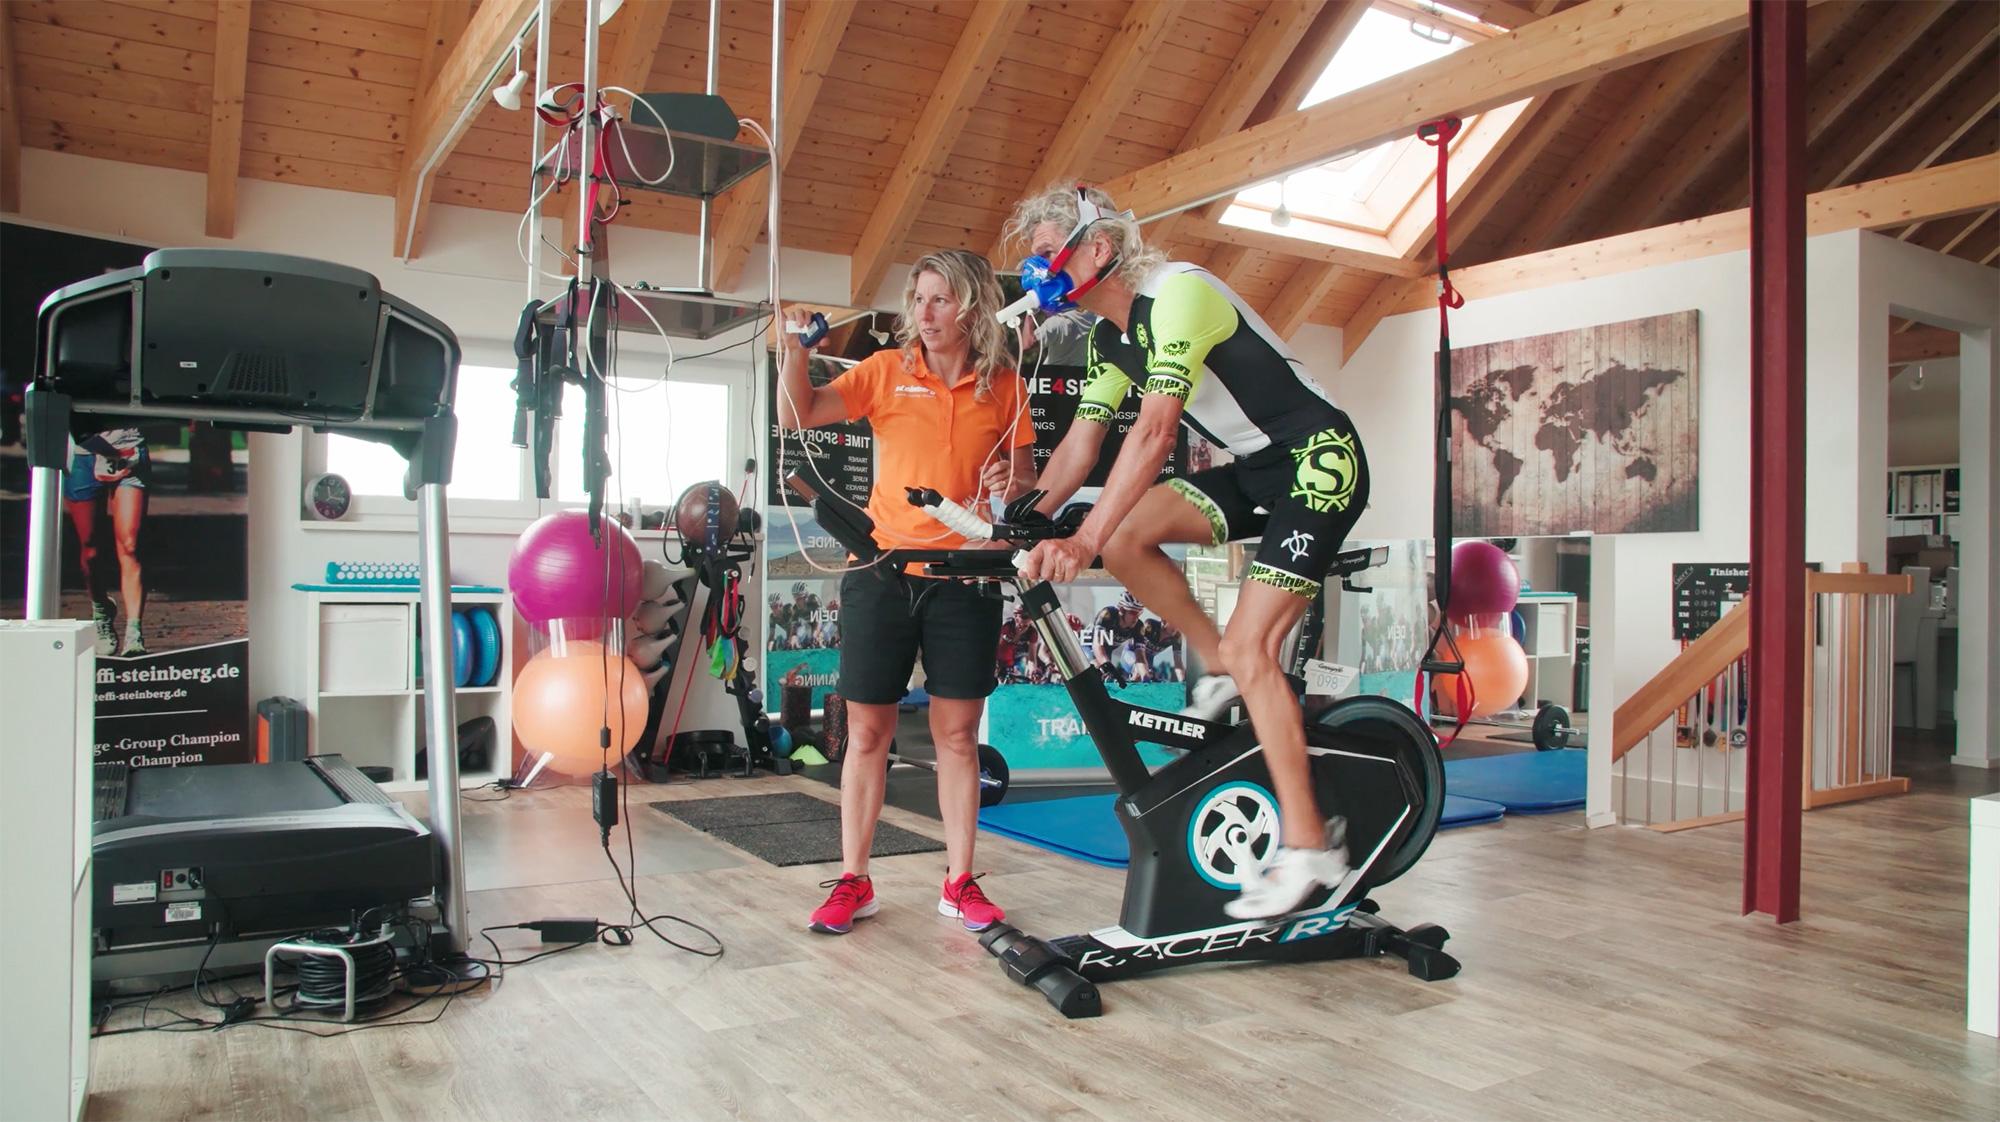 Triathlet auf Trainingsfahrrad